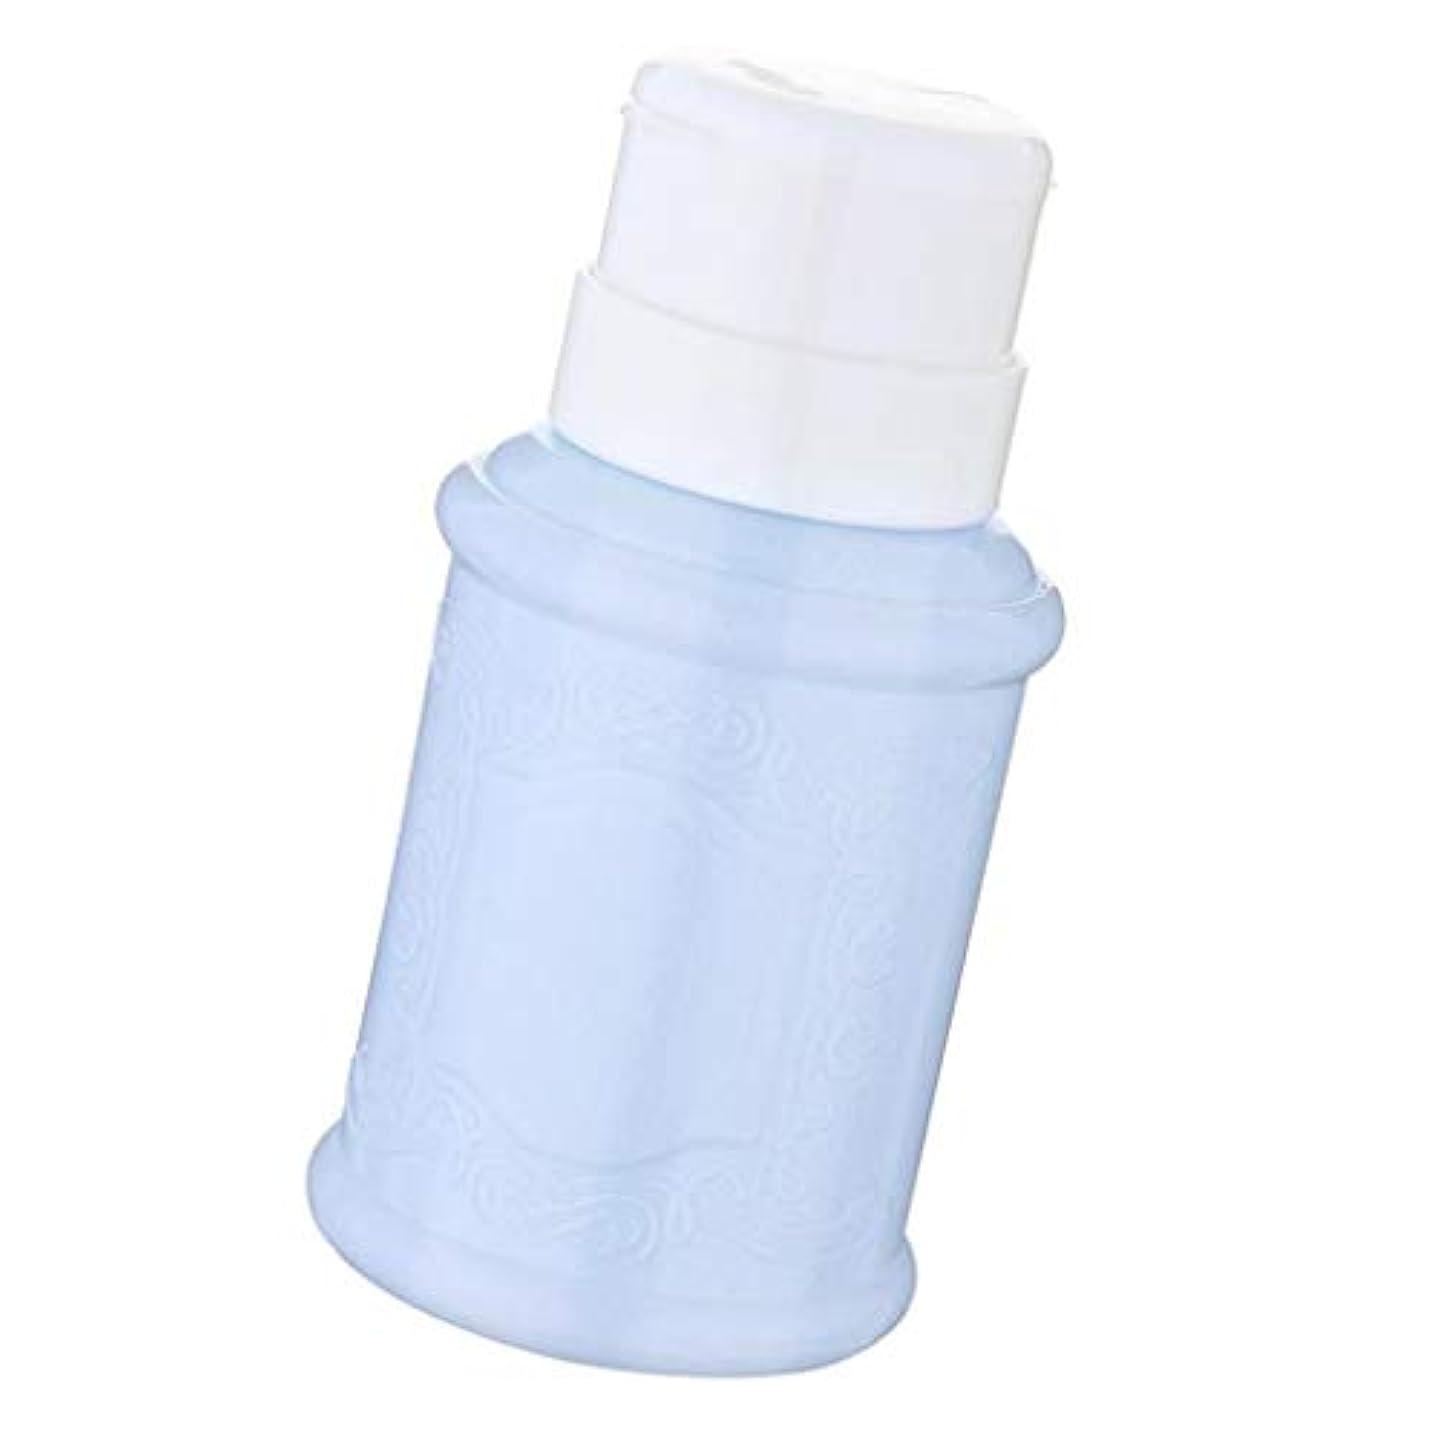 コピー素晴らしい良い多くの嵐が丘ポンプディスペンサー ネイル リットル空ポンプ ネイルクリーナーボトル 全3色 - 青